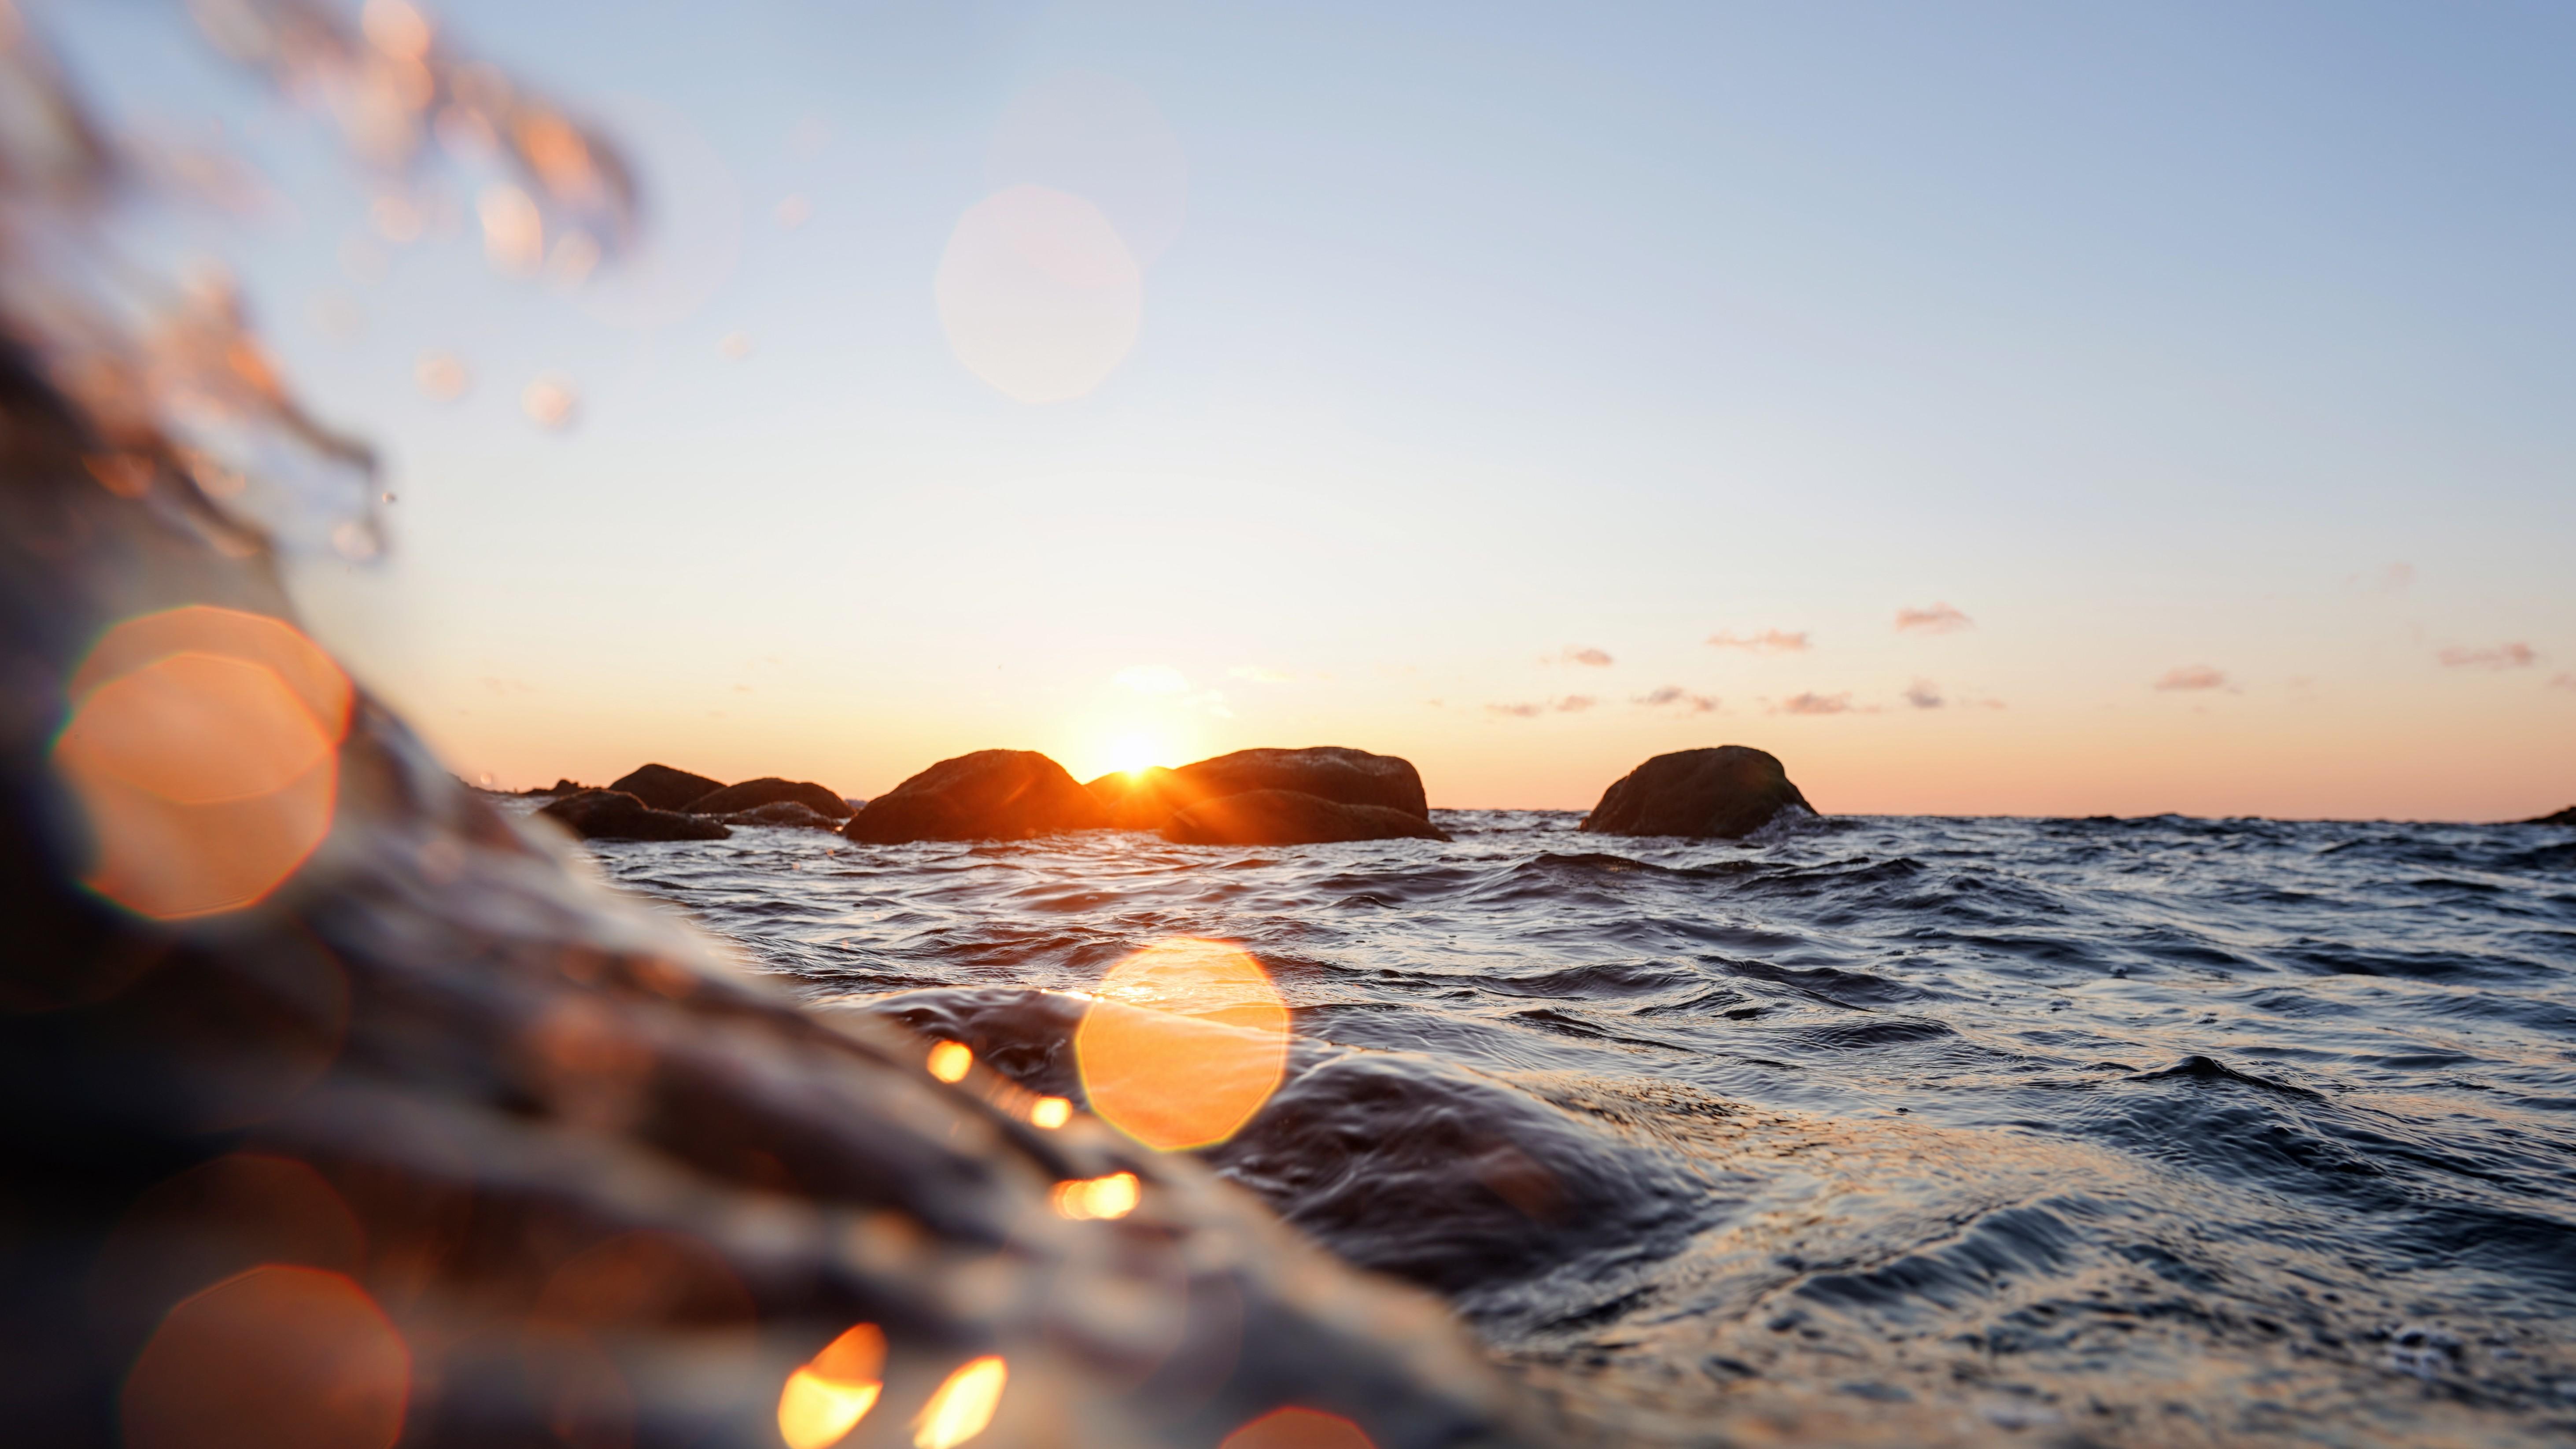 北海道島牧村:桜鱒の聖地と云われる